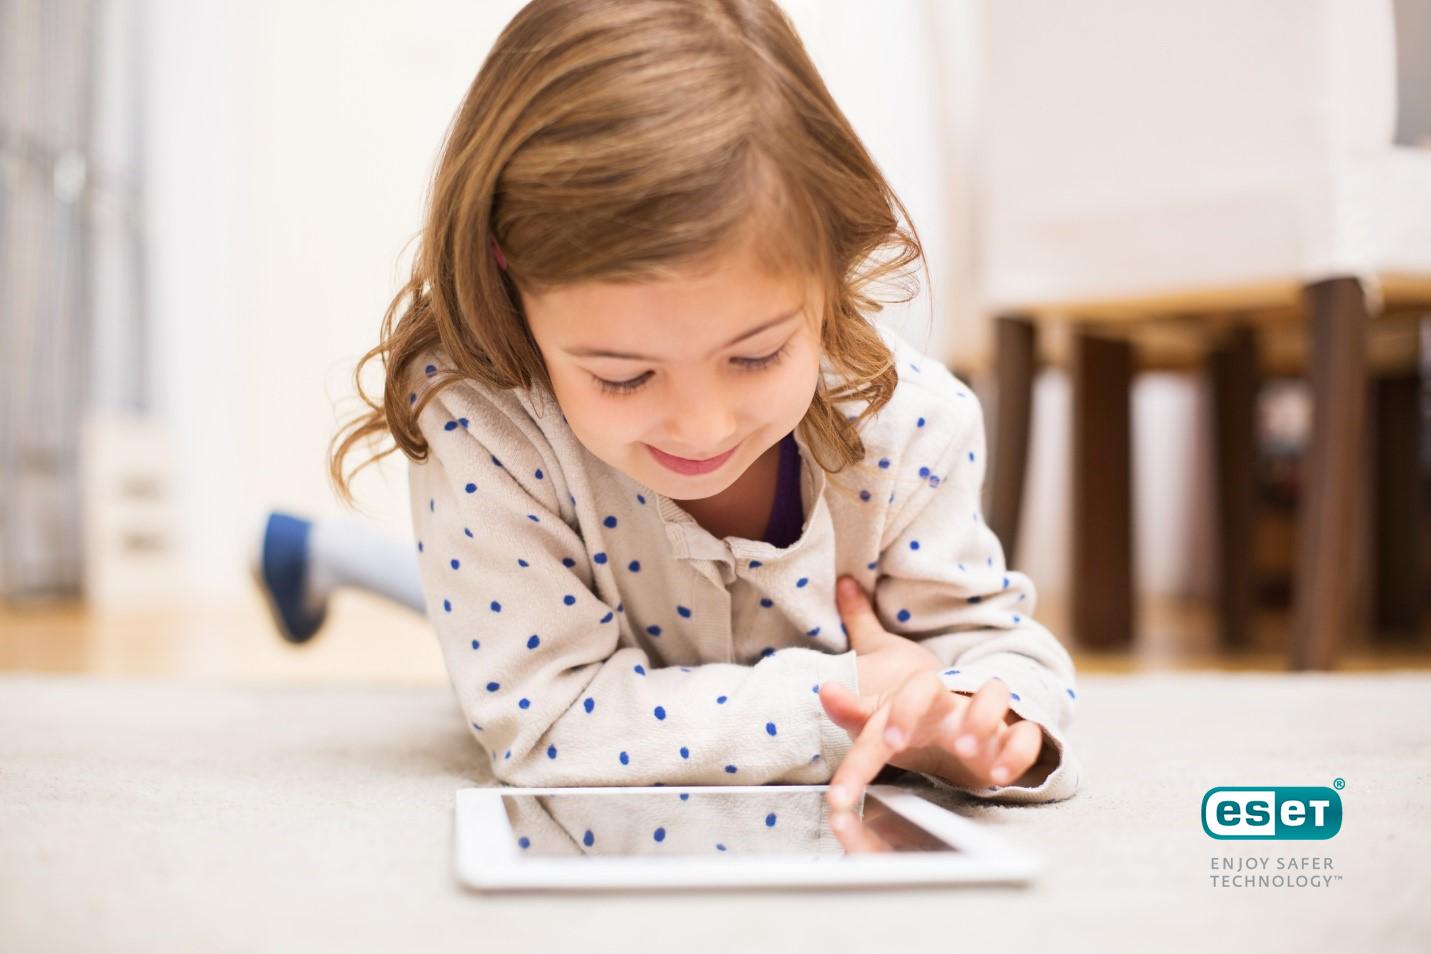 Safer kids online - ESET: Πόσο ασφαλές είναι το κινητό τηλέφωνο του παιδιού σας;